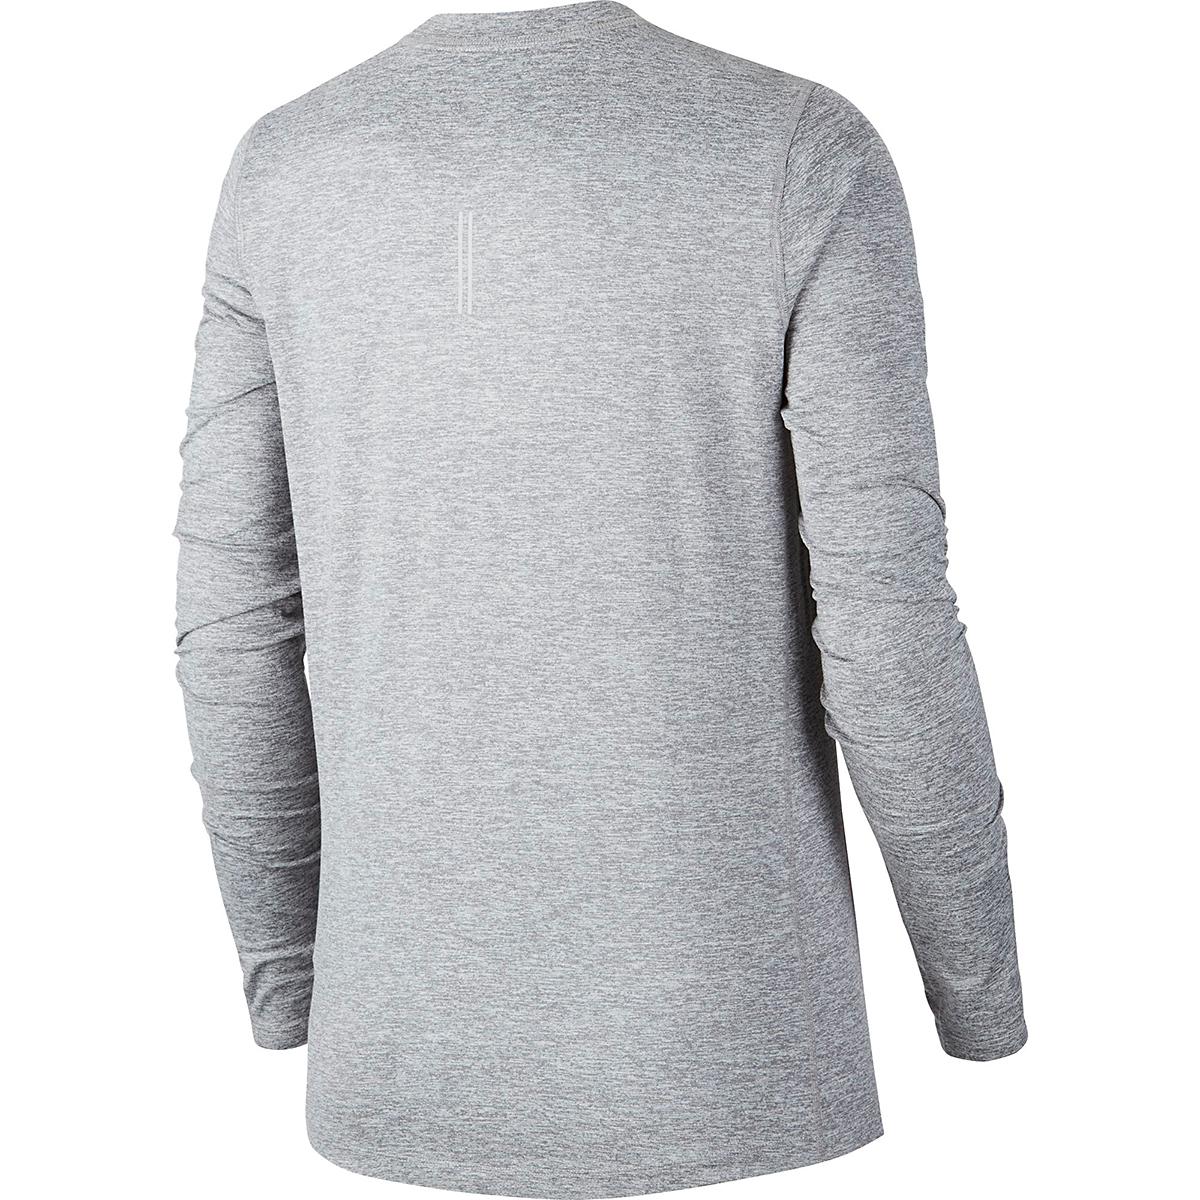 Women's Nike Element Crew Long Sleeve Shirt, , large, image 4